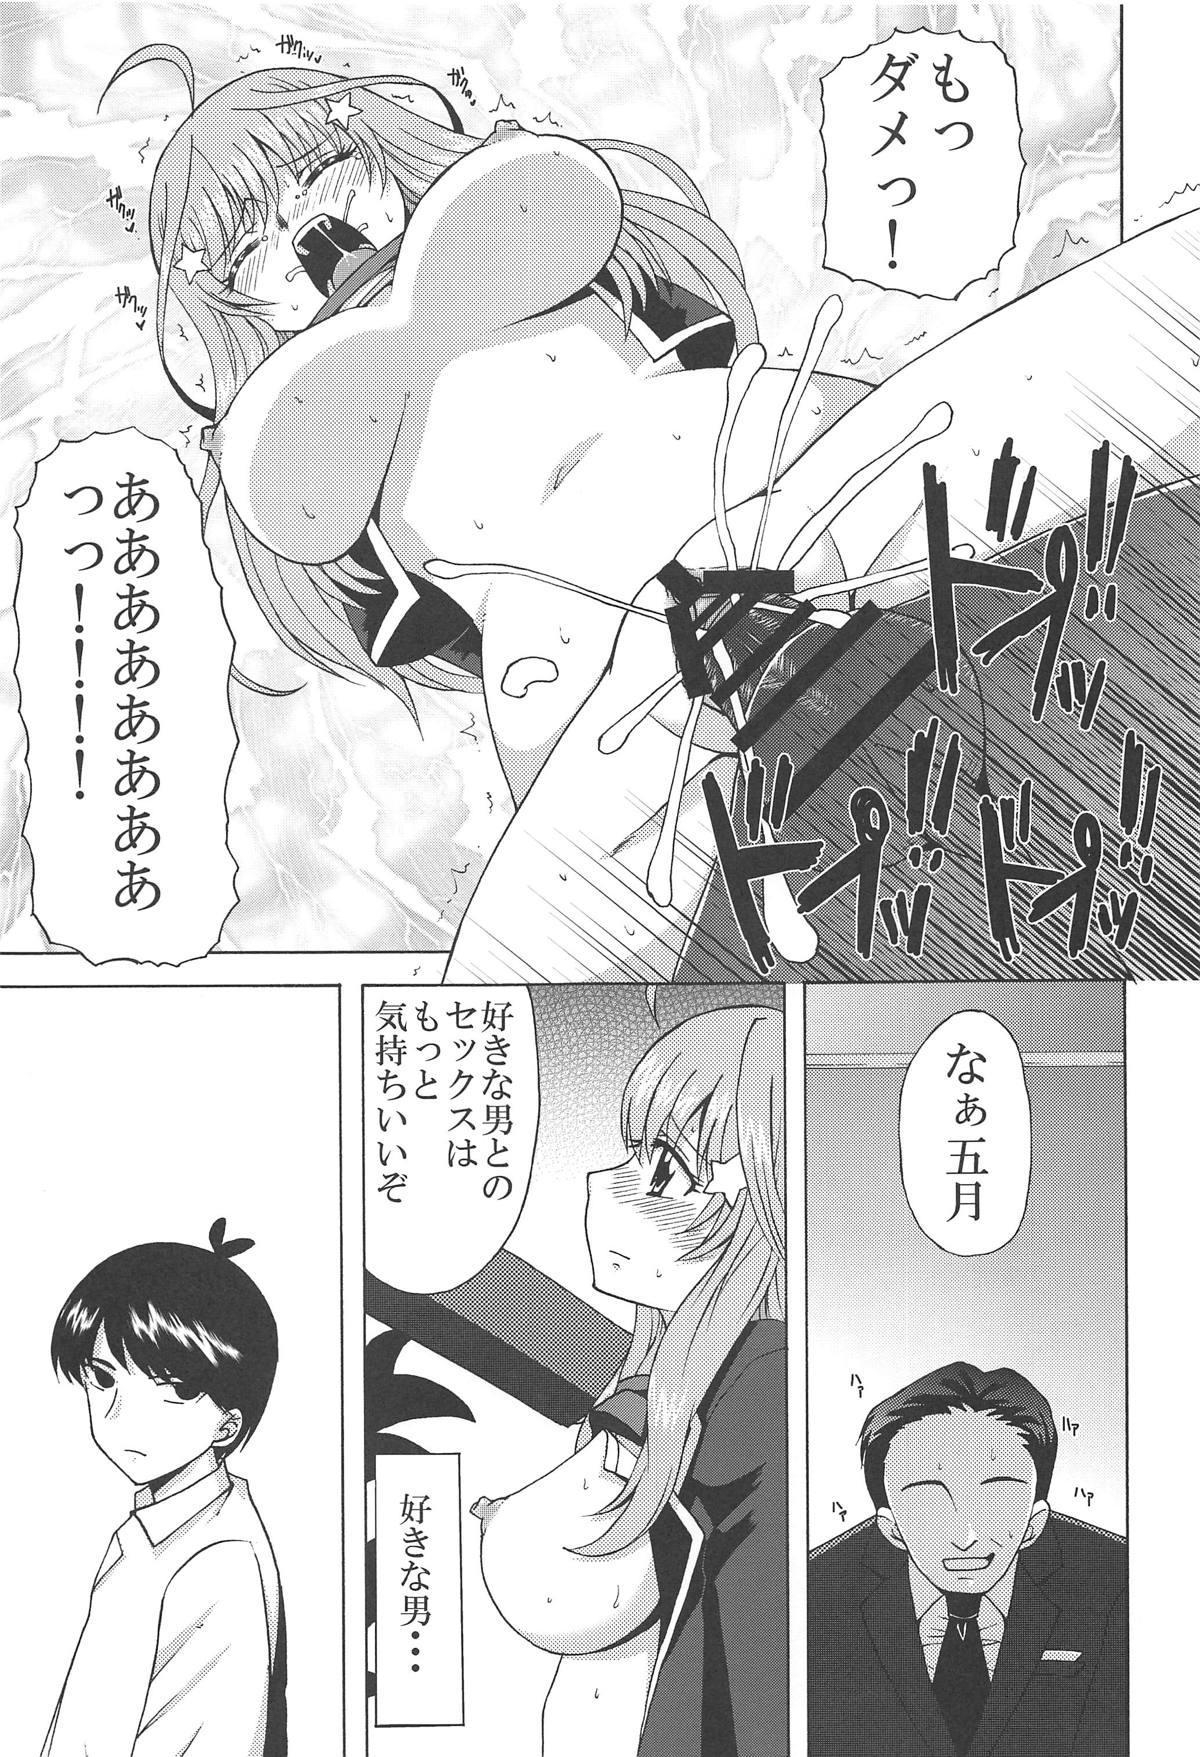 Itsuki no Himitsu 9